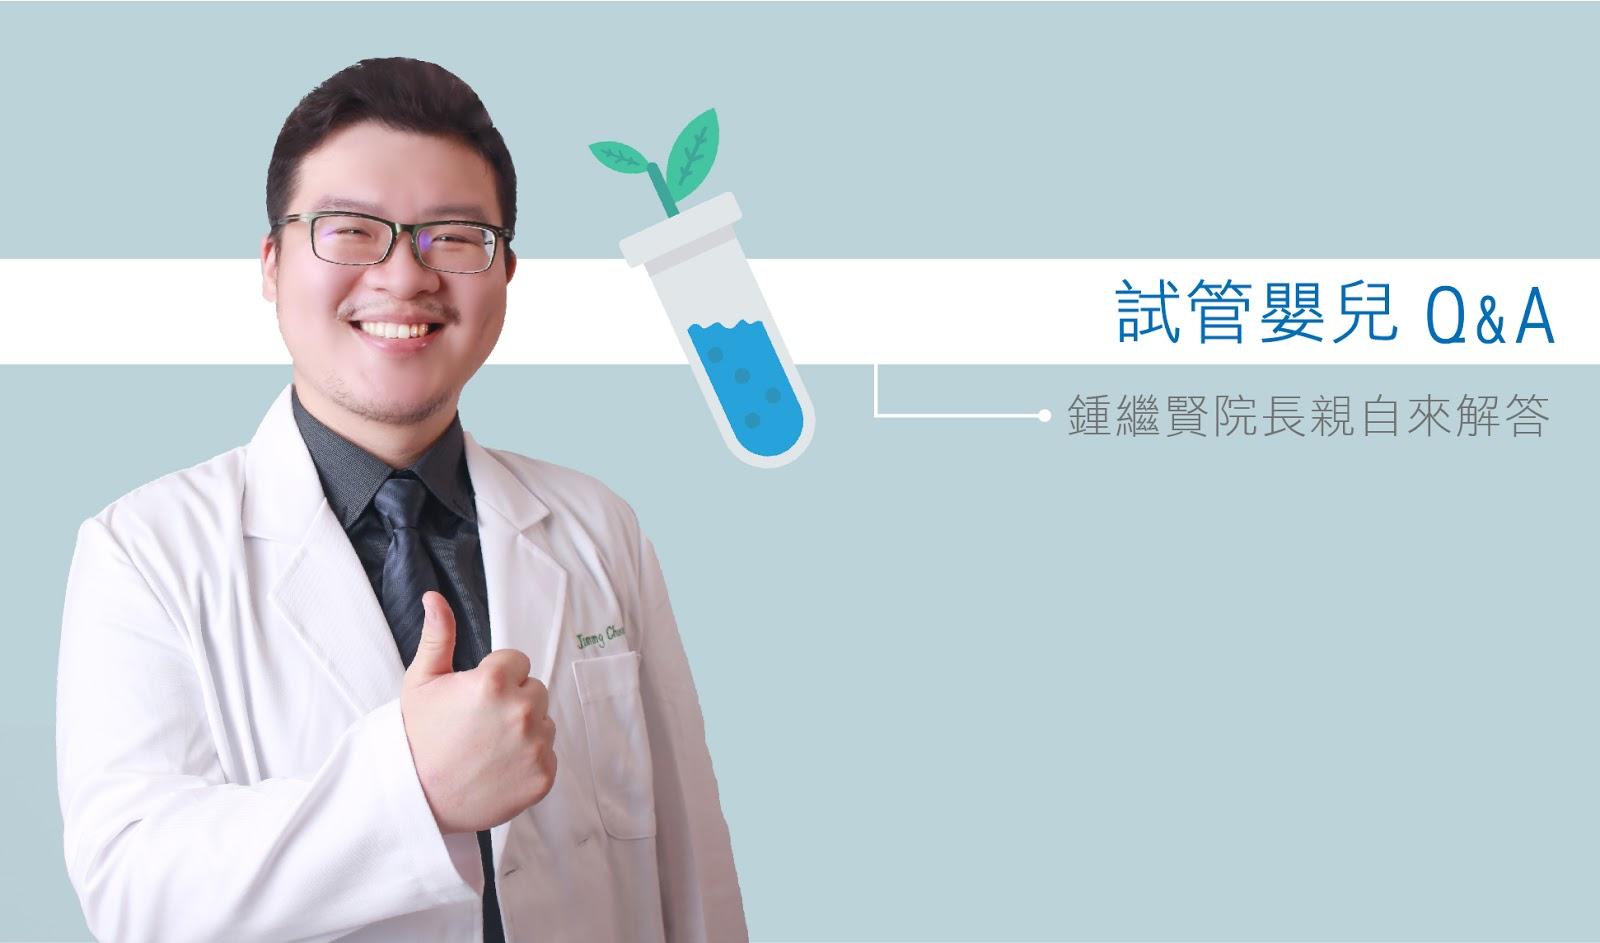 鍾繼賢醫師 不孕癥尖端科技新世界: 試管嬰兒懶人包 鍾繼賢醫師親自解答